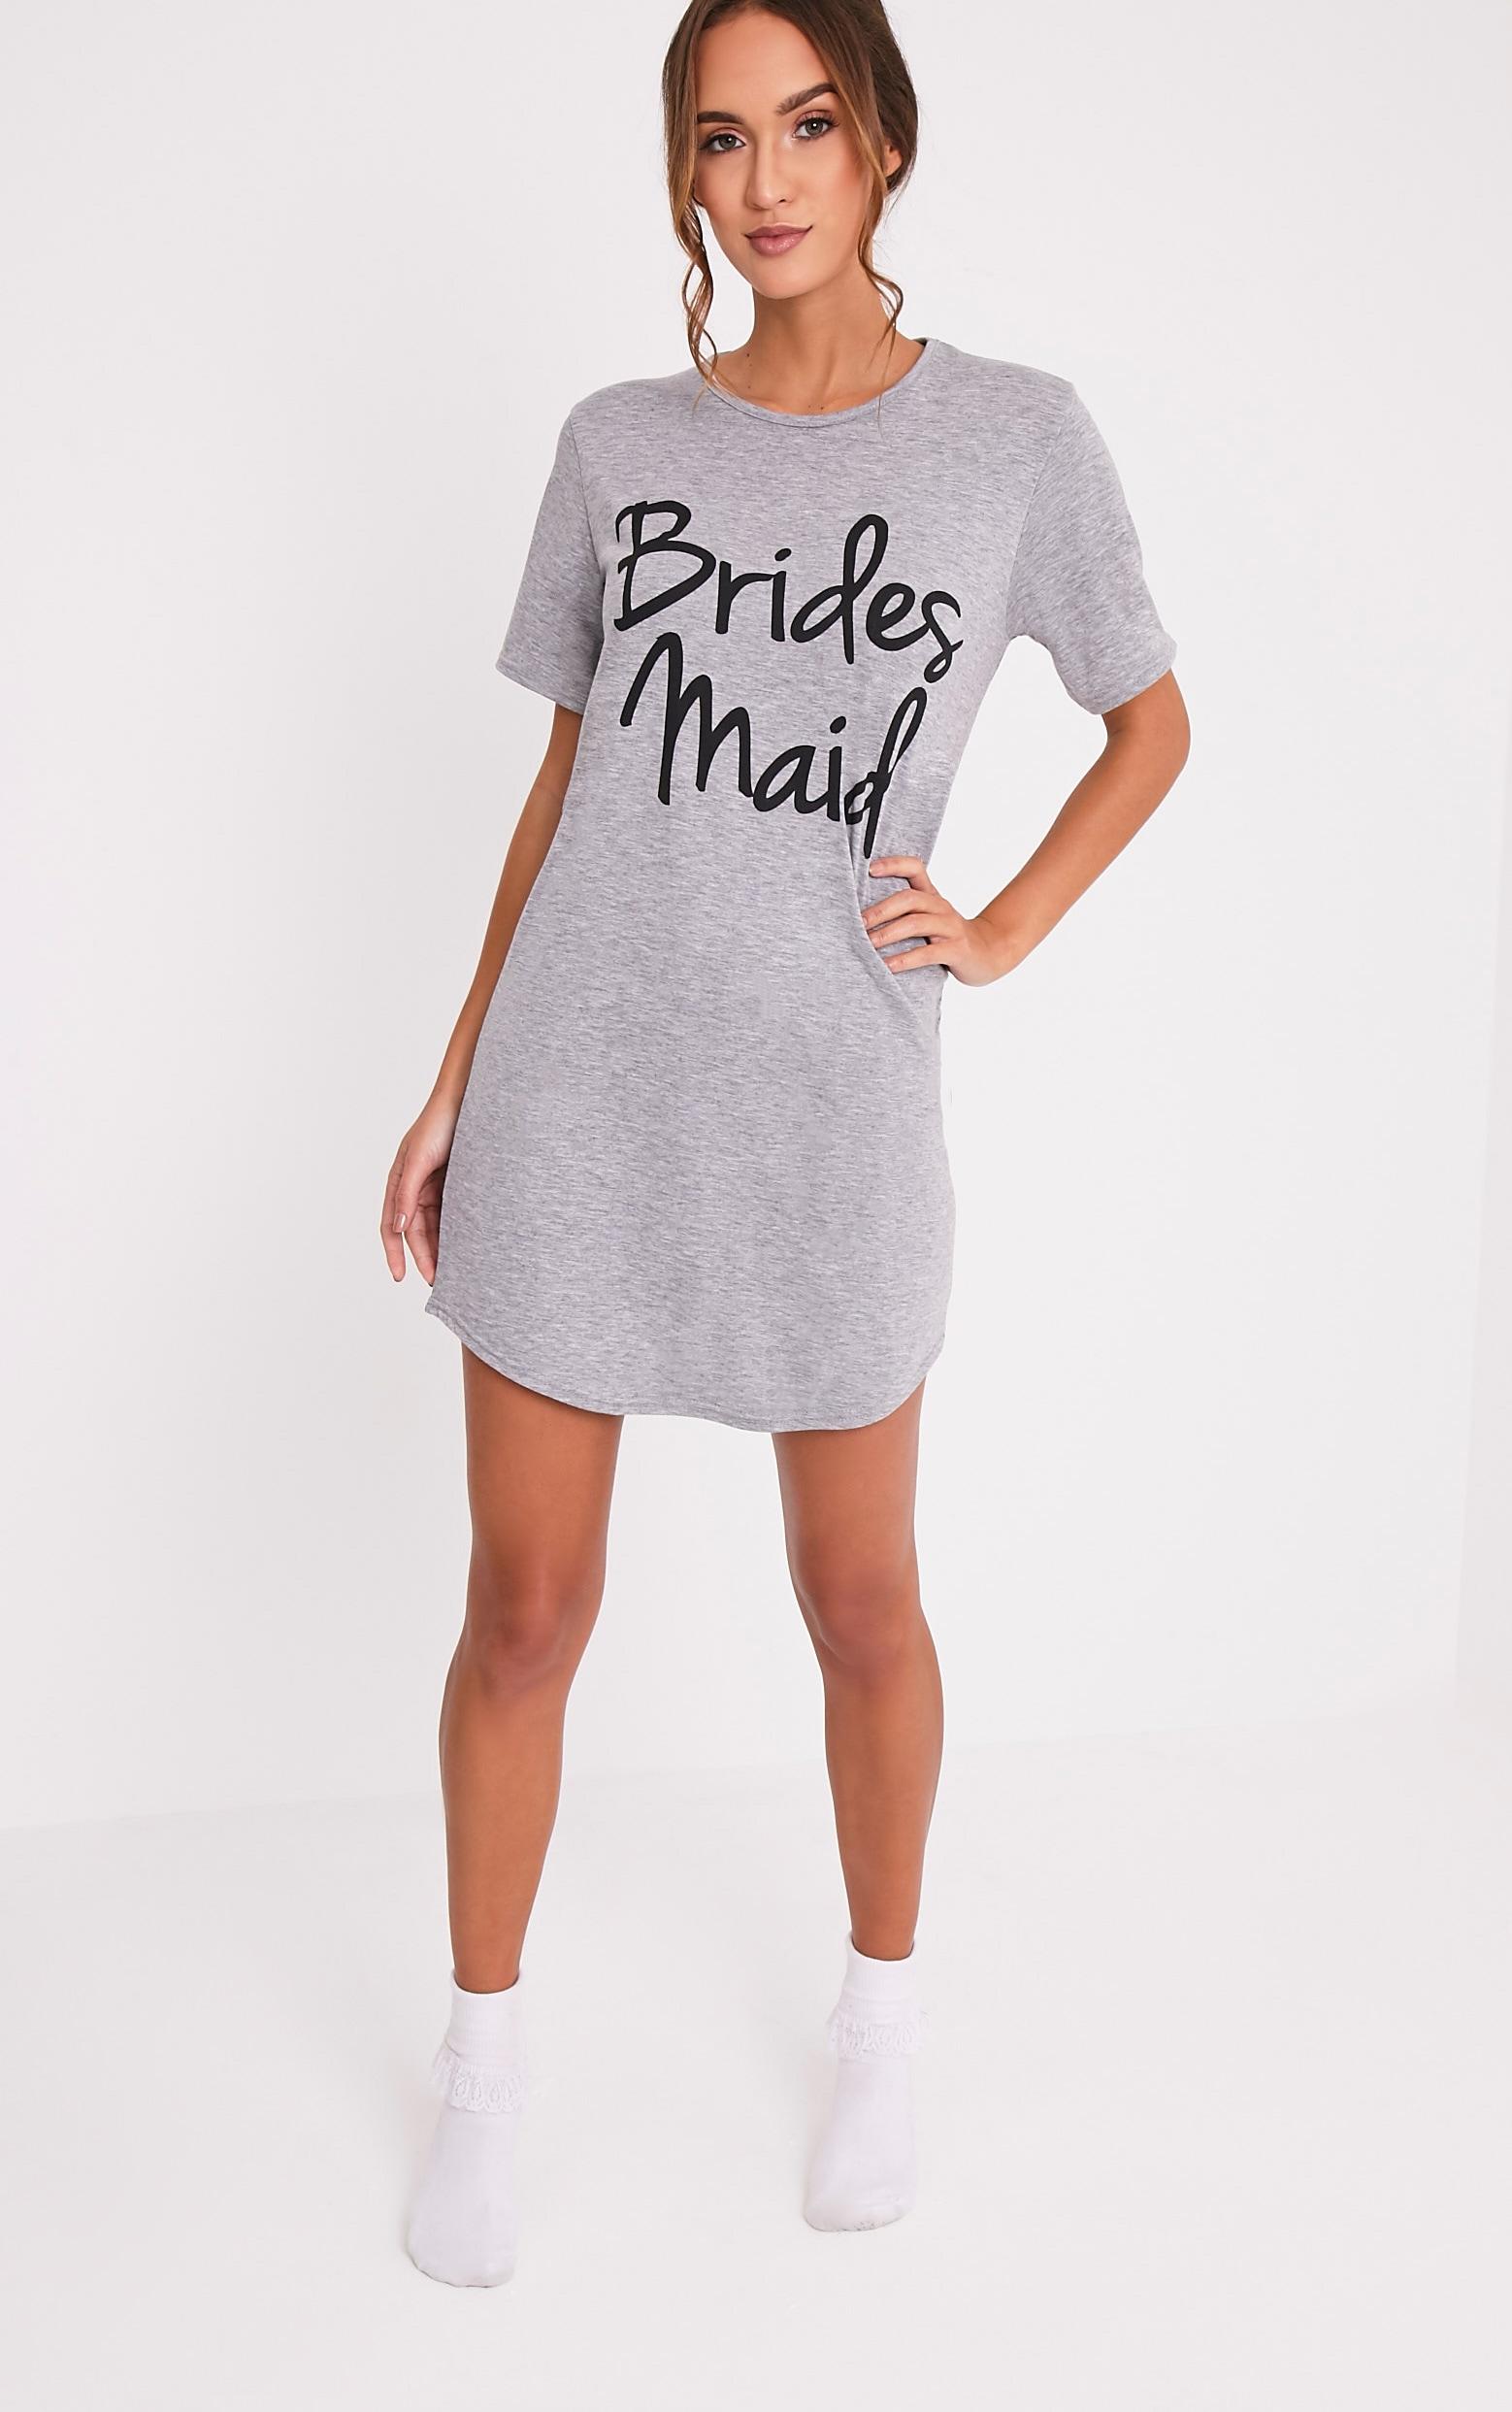 Chemise de nuit surdimensionnée grise à slogan Bridesmaid. 5